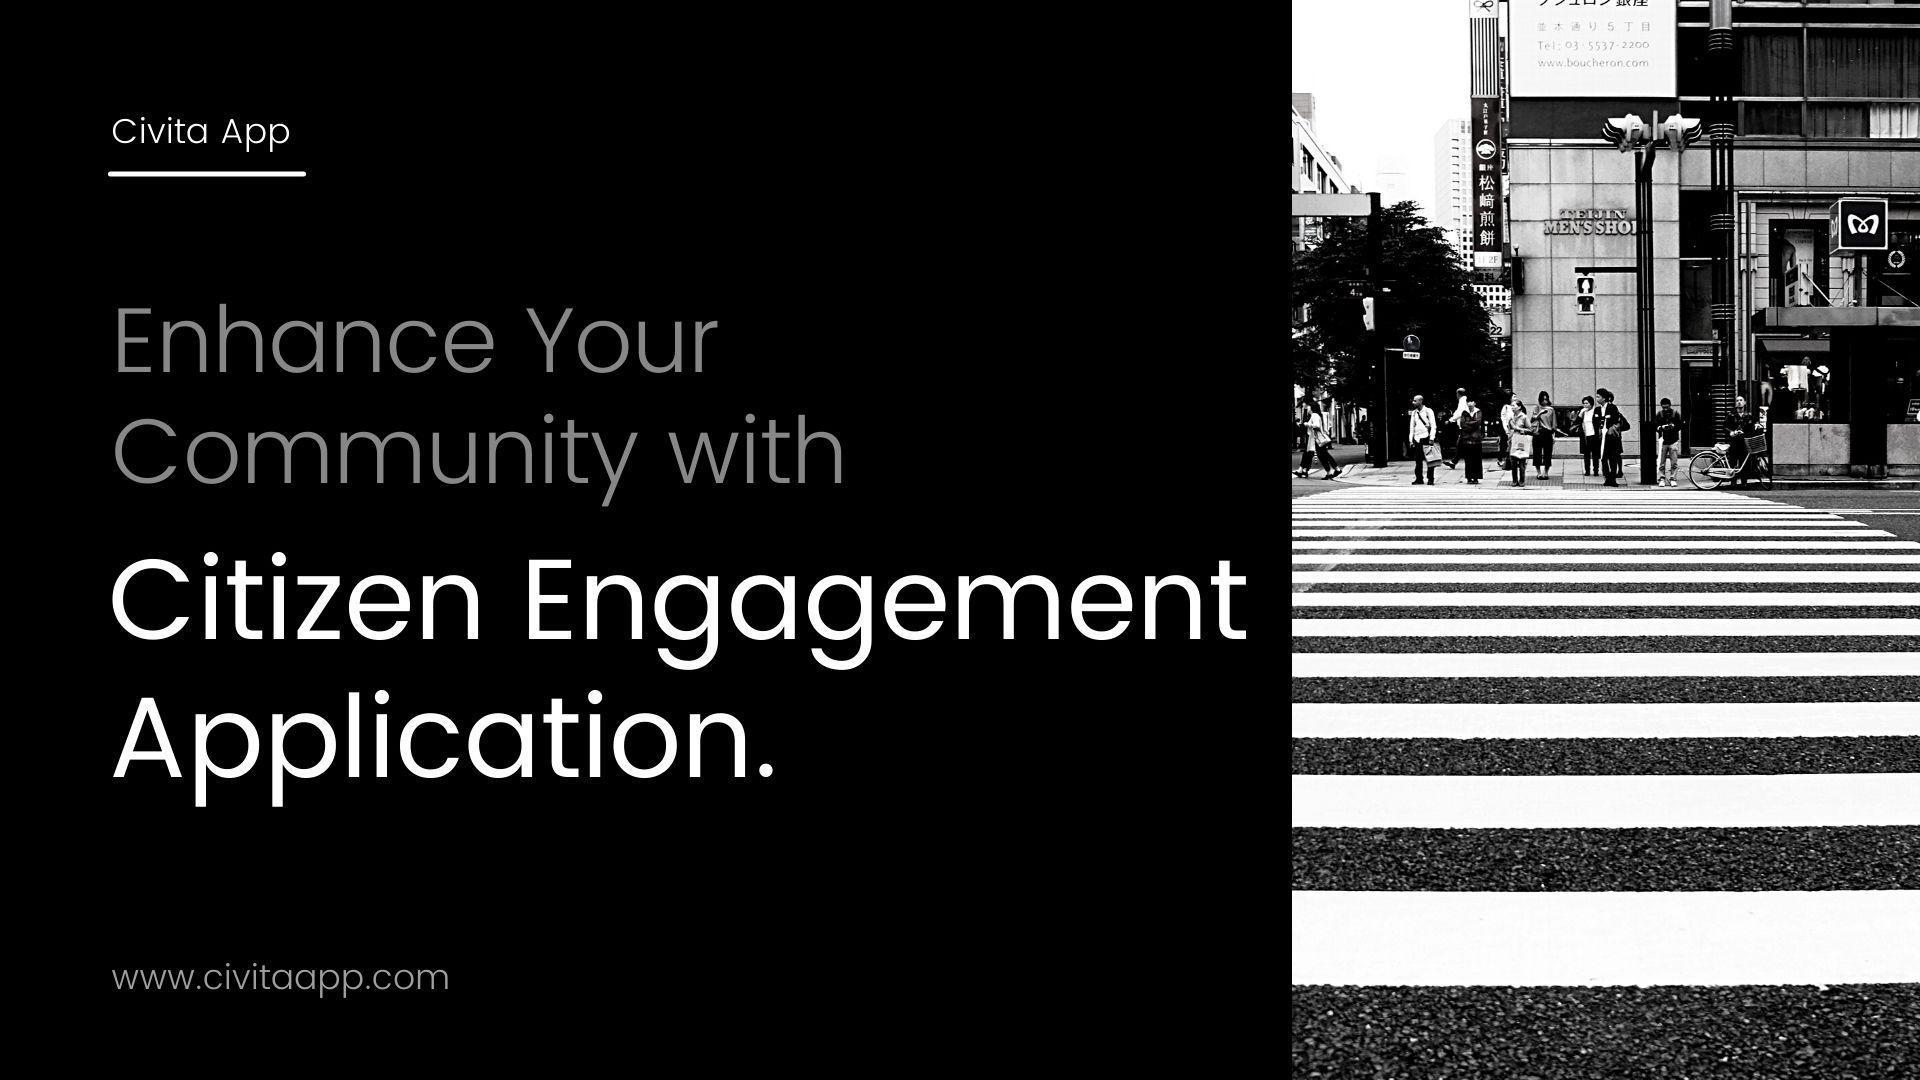 Citizen Engagement Application1